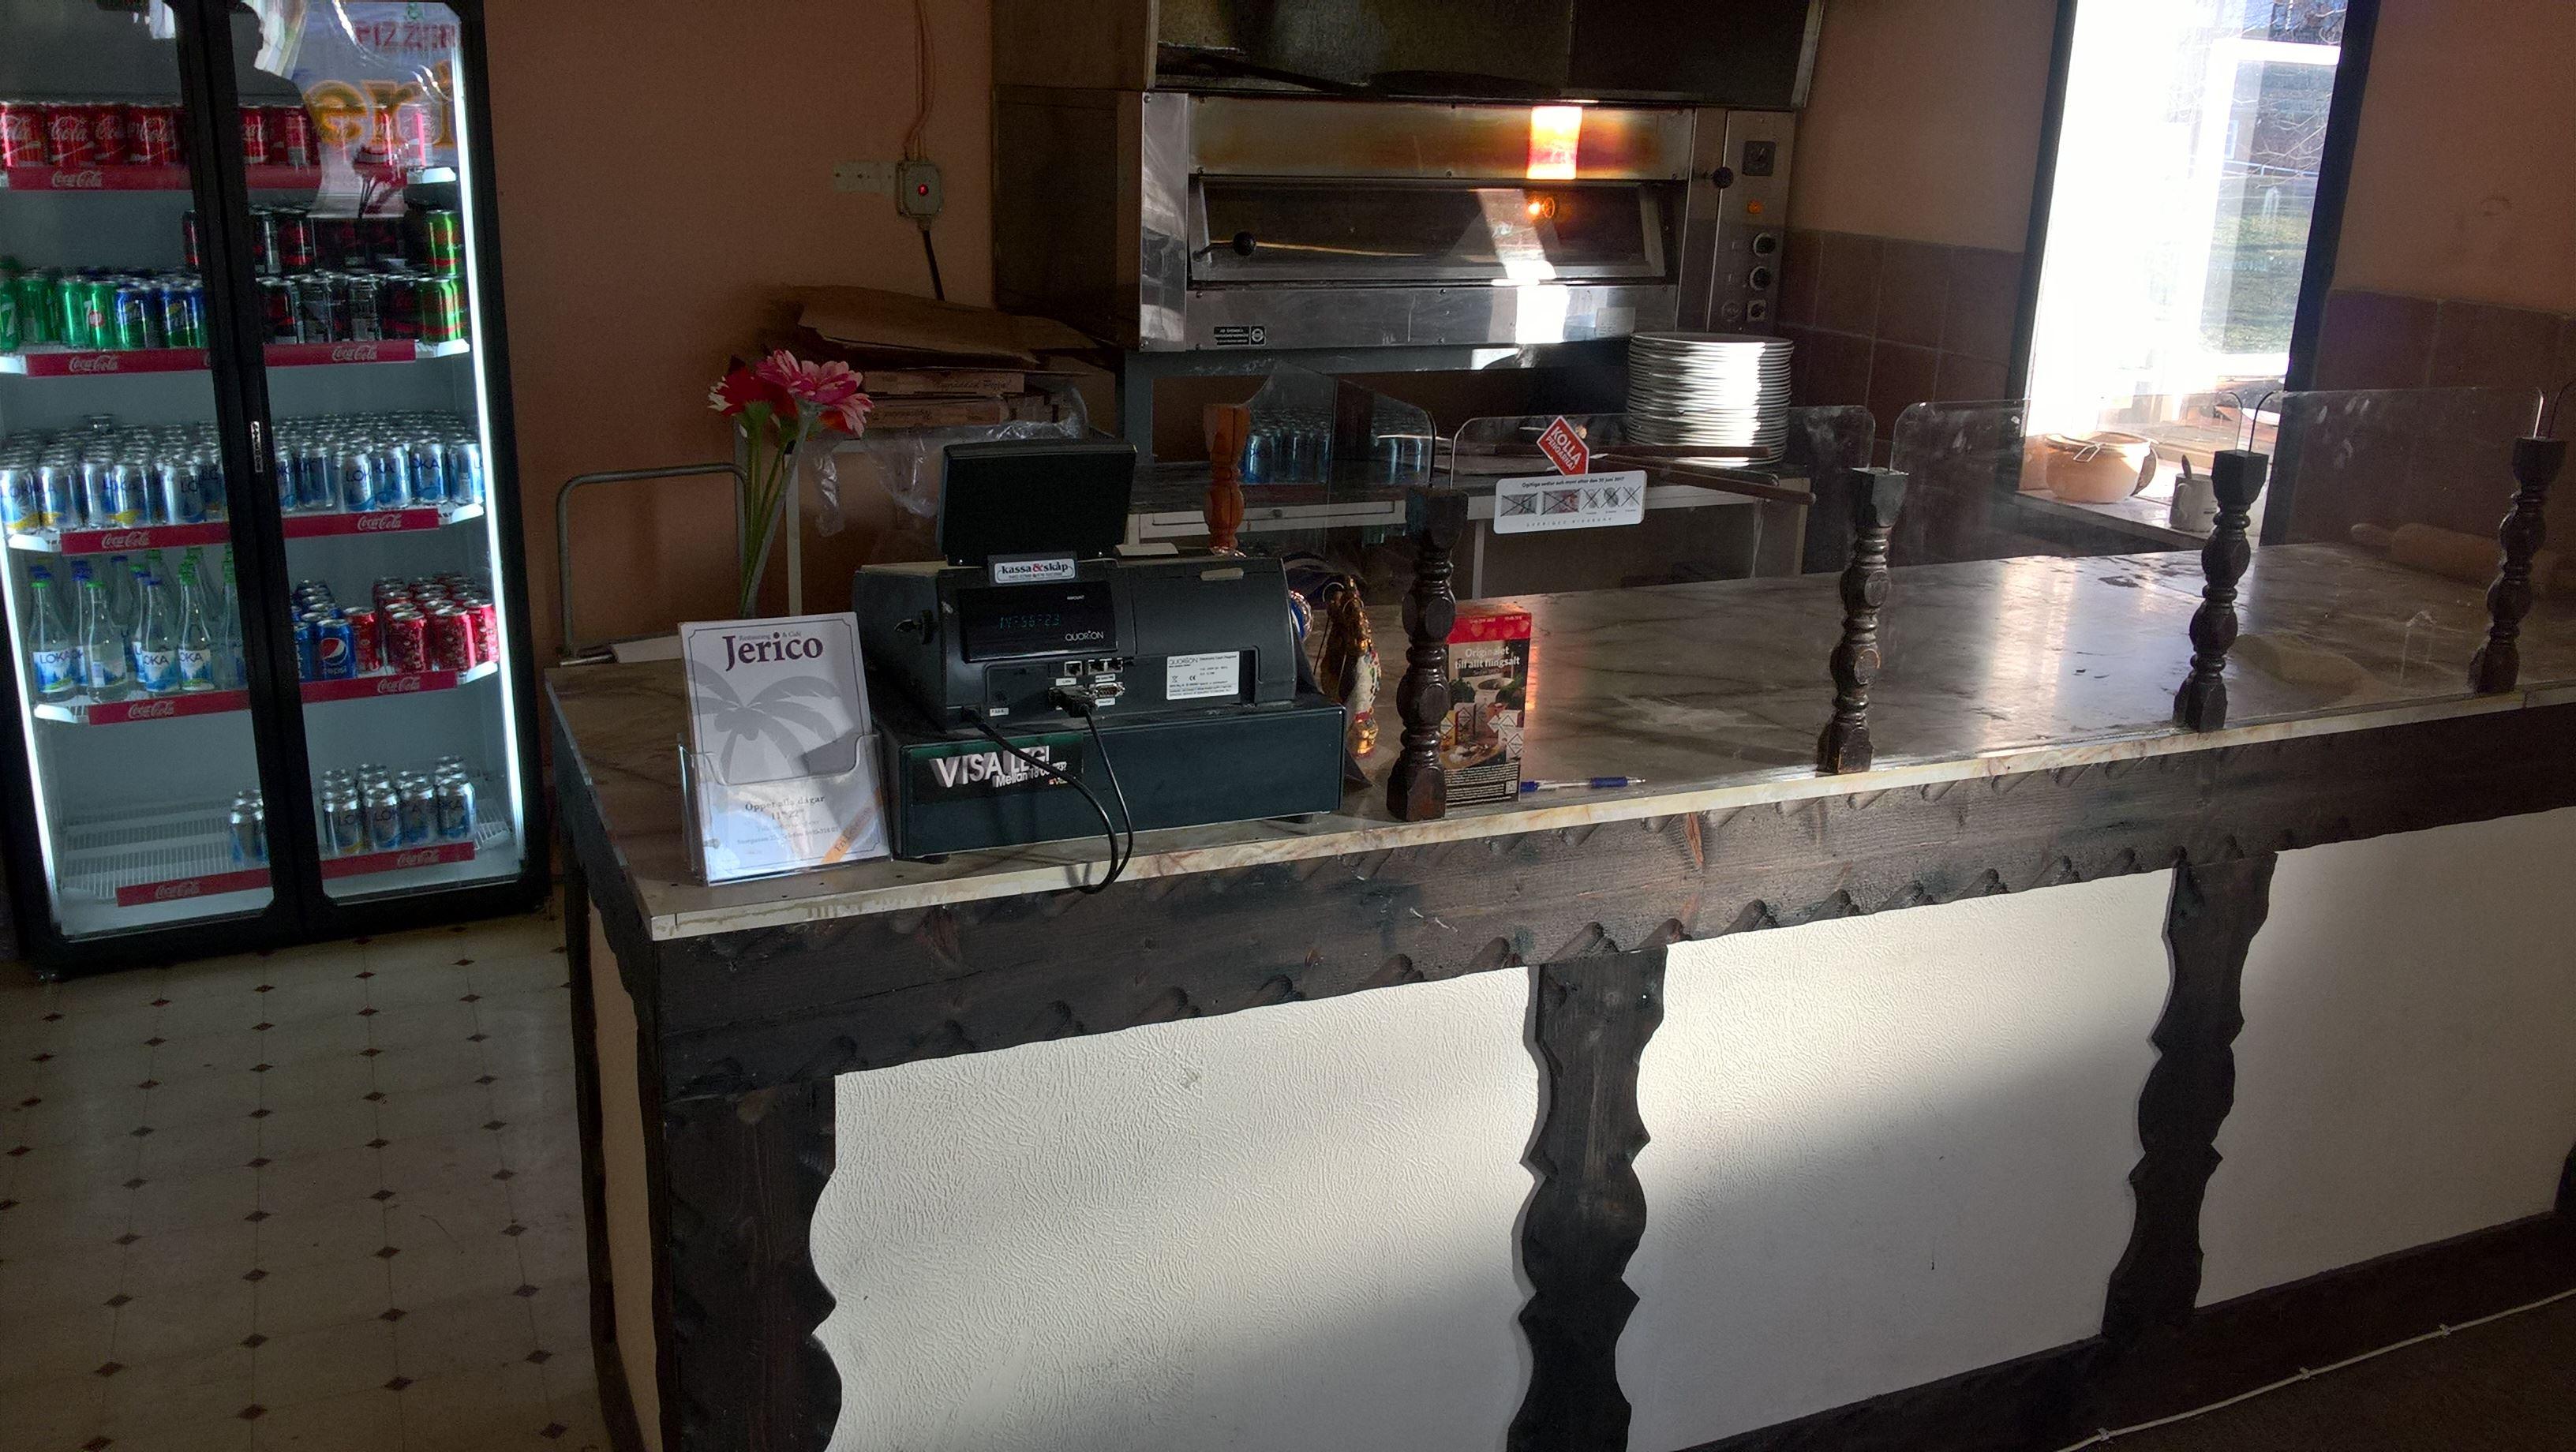 Pizzeria Jerico